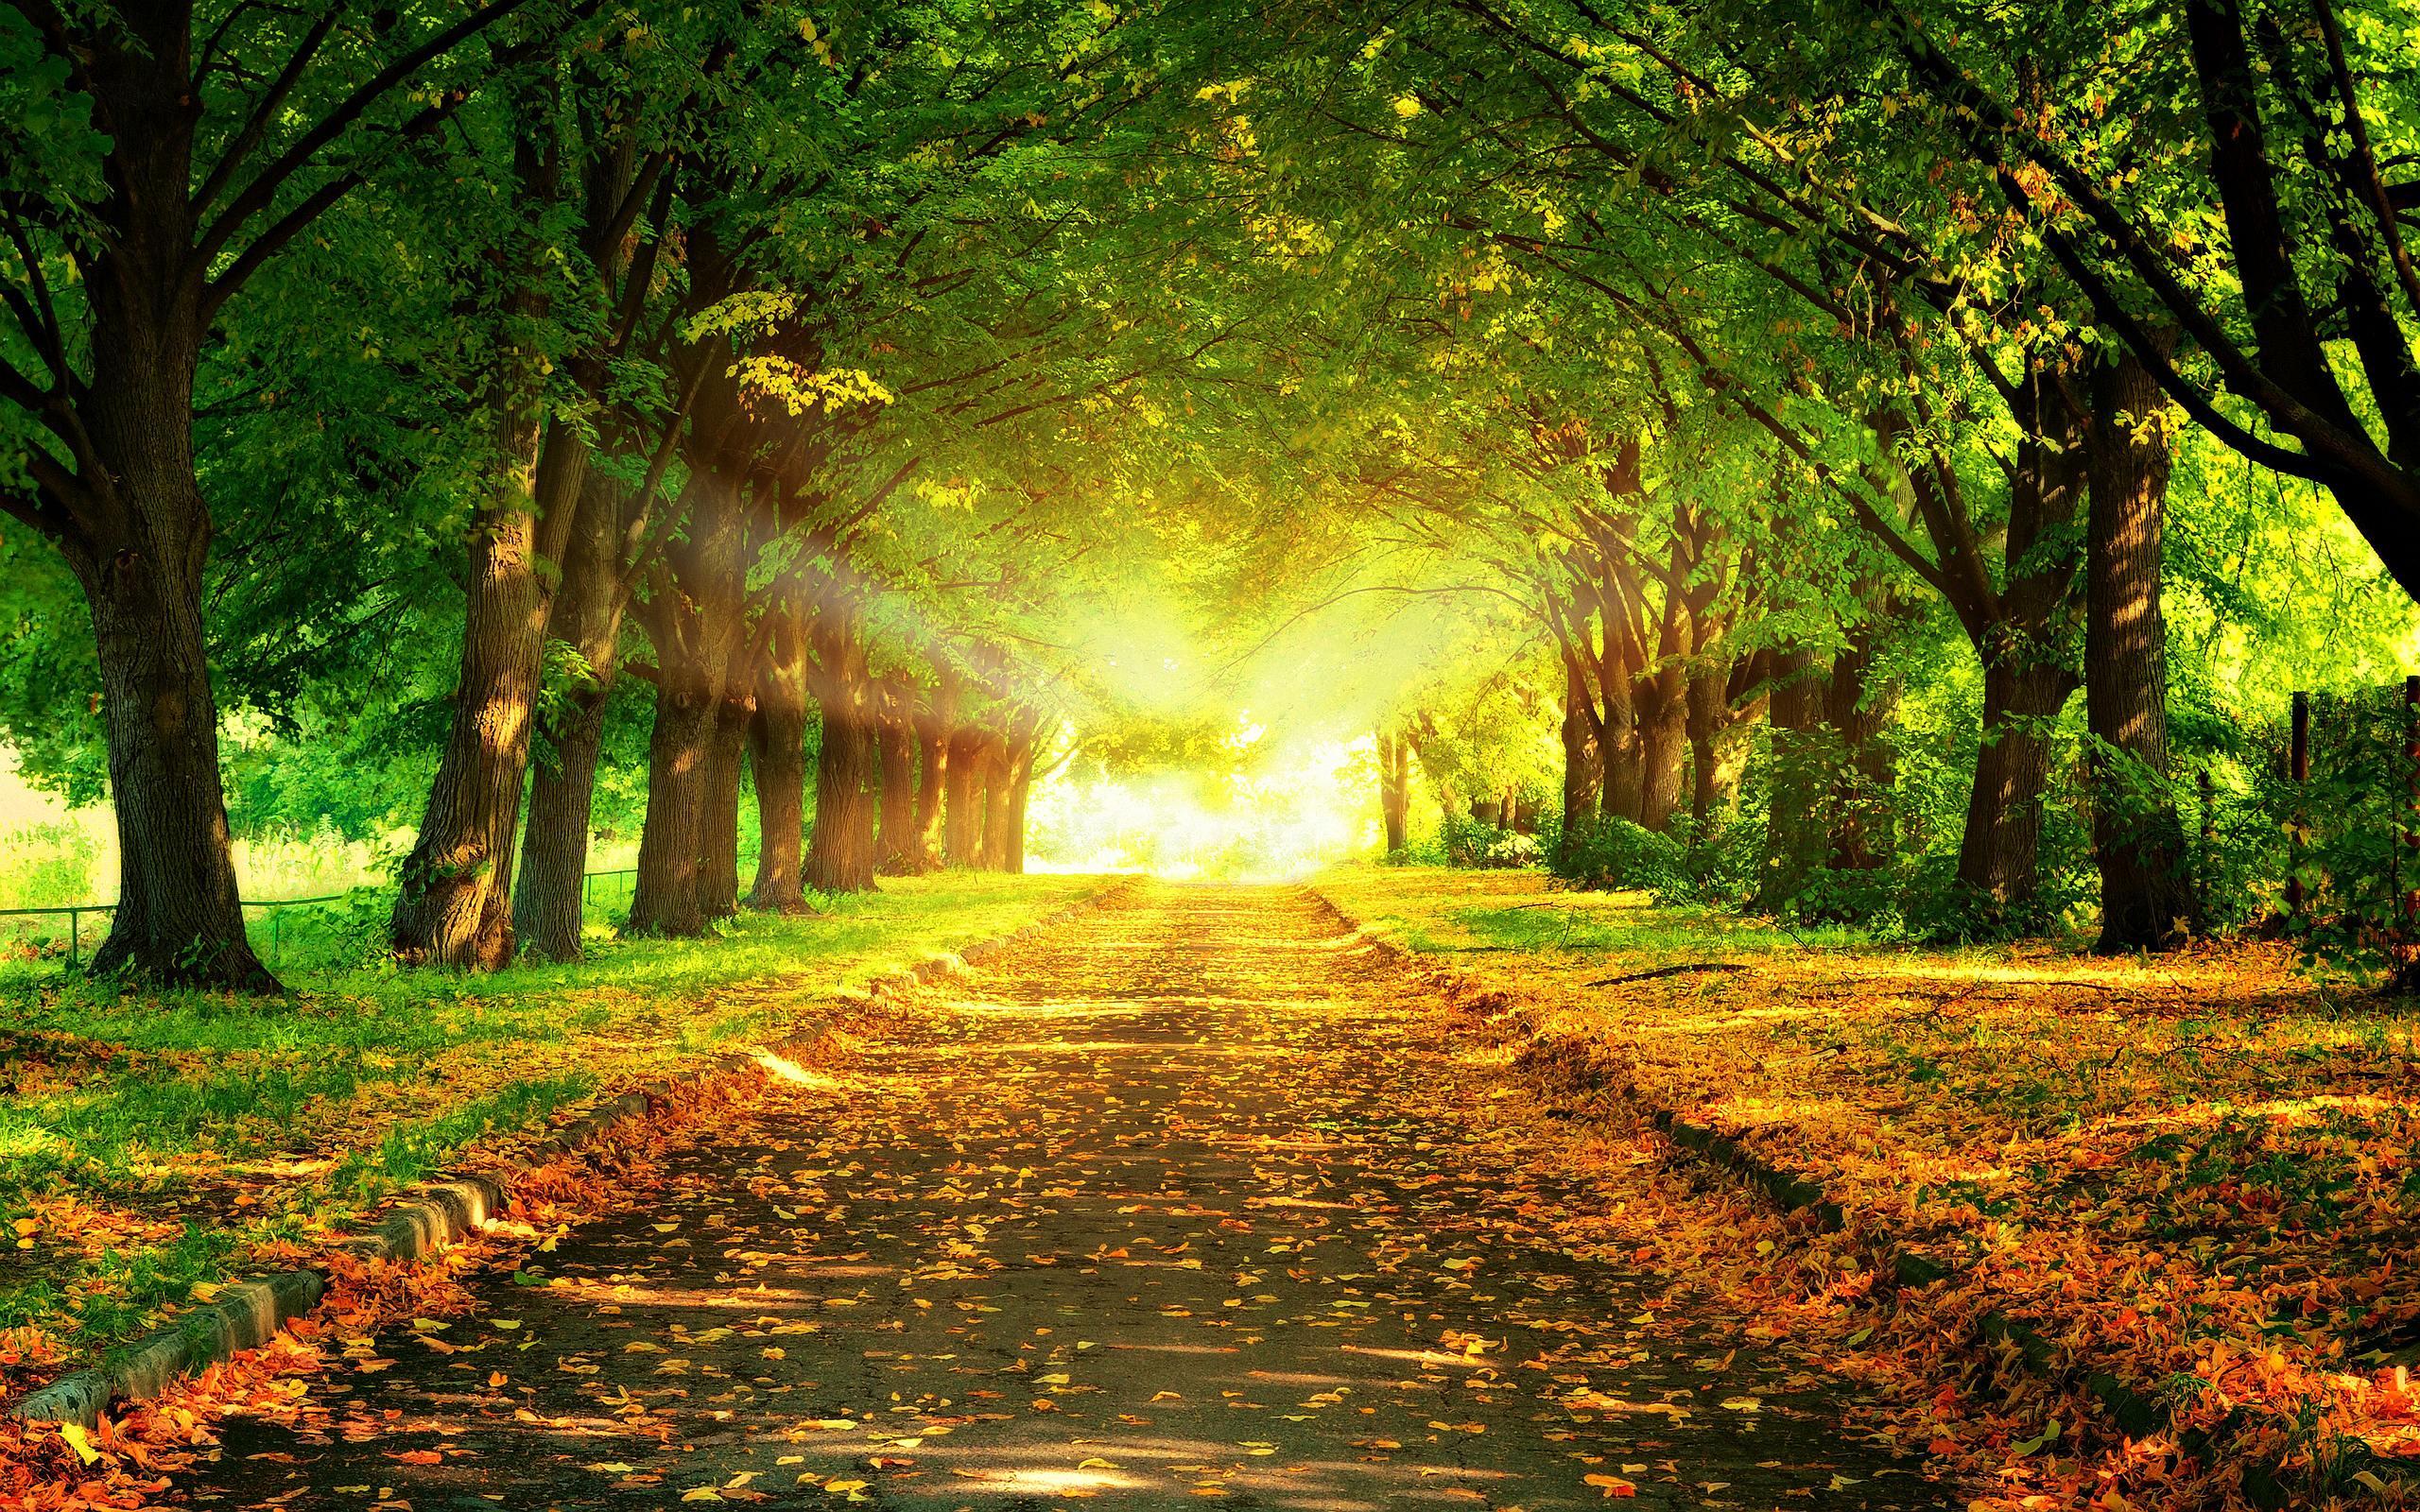 autumn leaves park